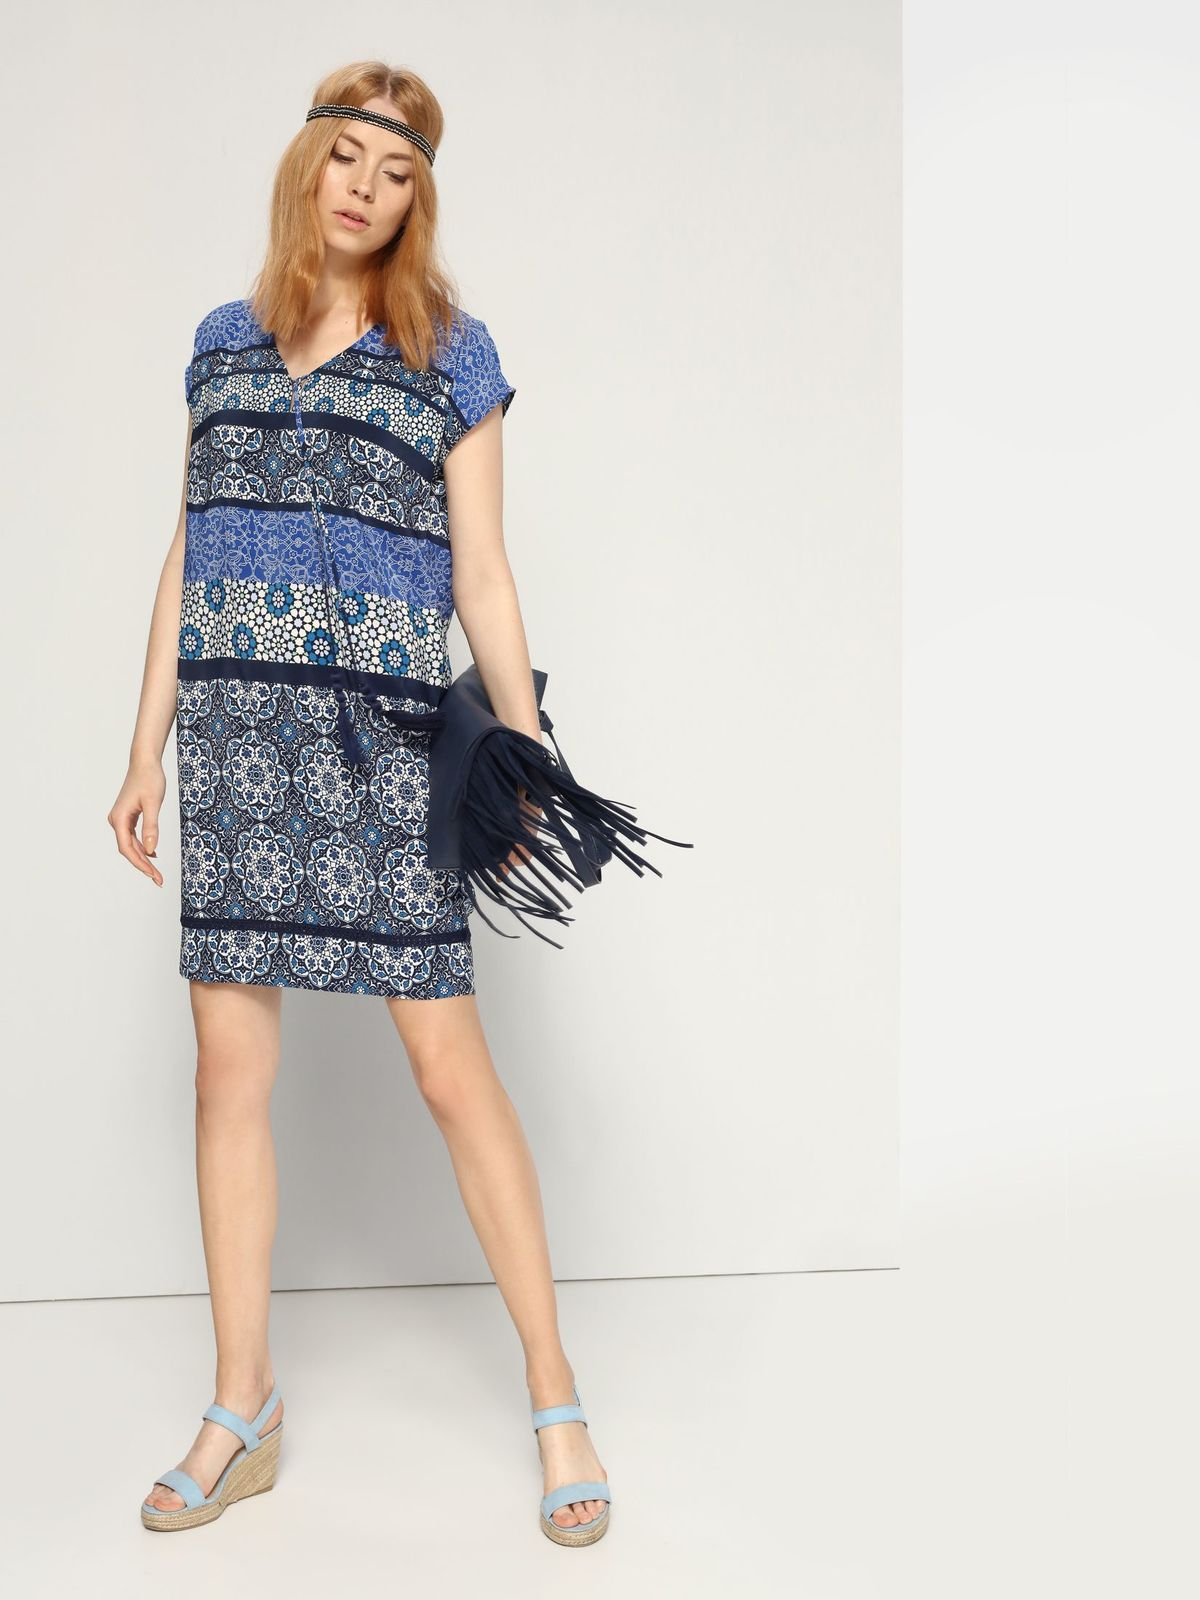 Платье Top Secret, цвет: темно-синий, мультиколор. SSU1573GR. Размер 36 (42)SSU1573GRПлатье Top Secret выполнено из 100% полиэстера. Платье-мини с V-образным вырезом горловины и короткими рукавами-кимоно. Модель оформлена оригинальным принтом и дополнено кружевной вставкой по низку и оригинальным бантом с кисточками на груди.